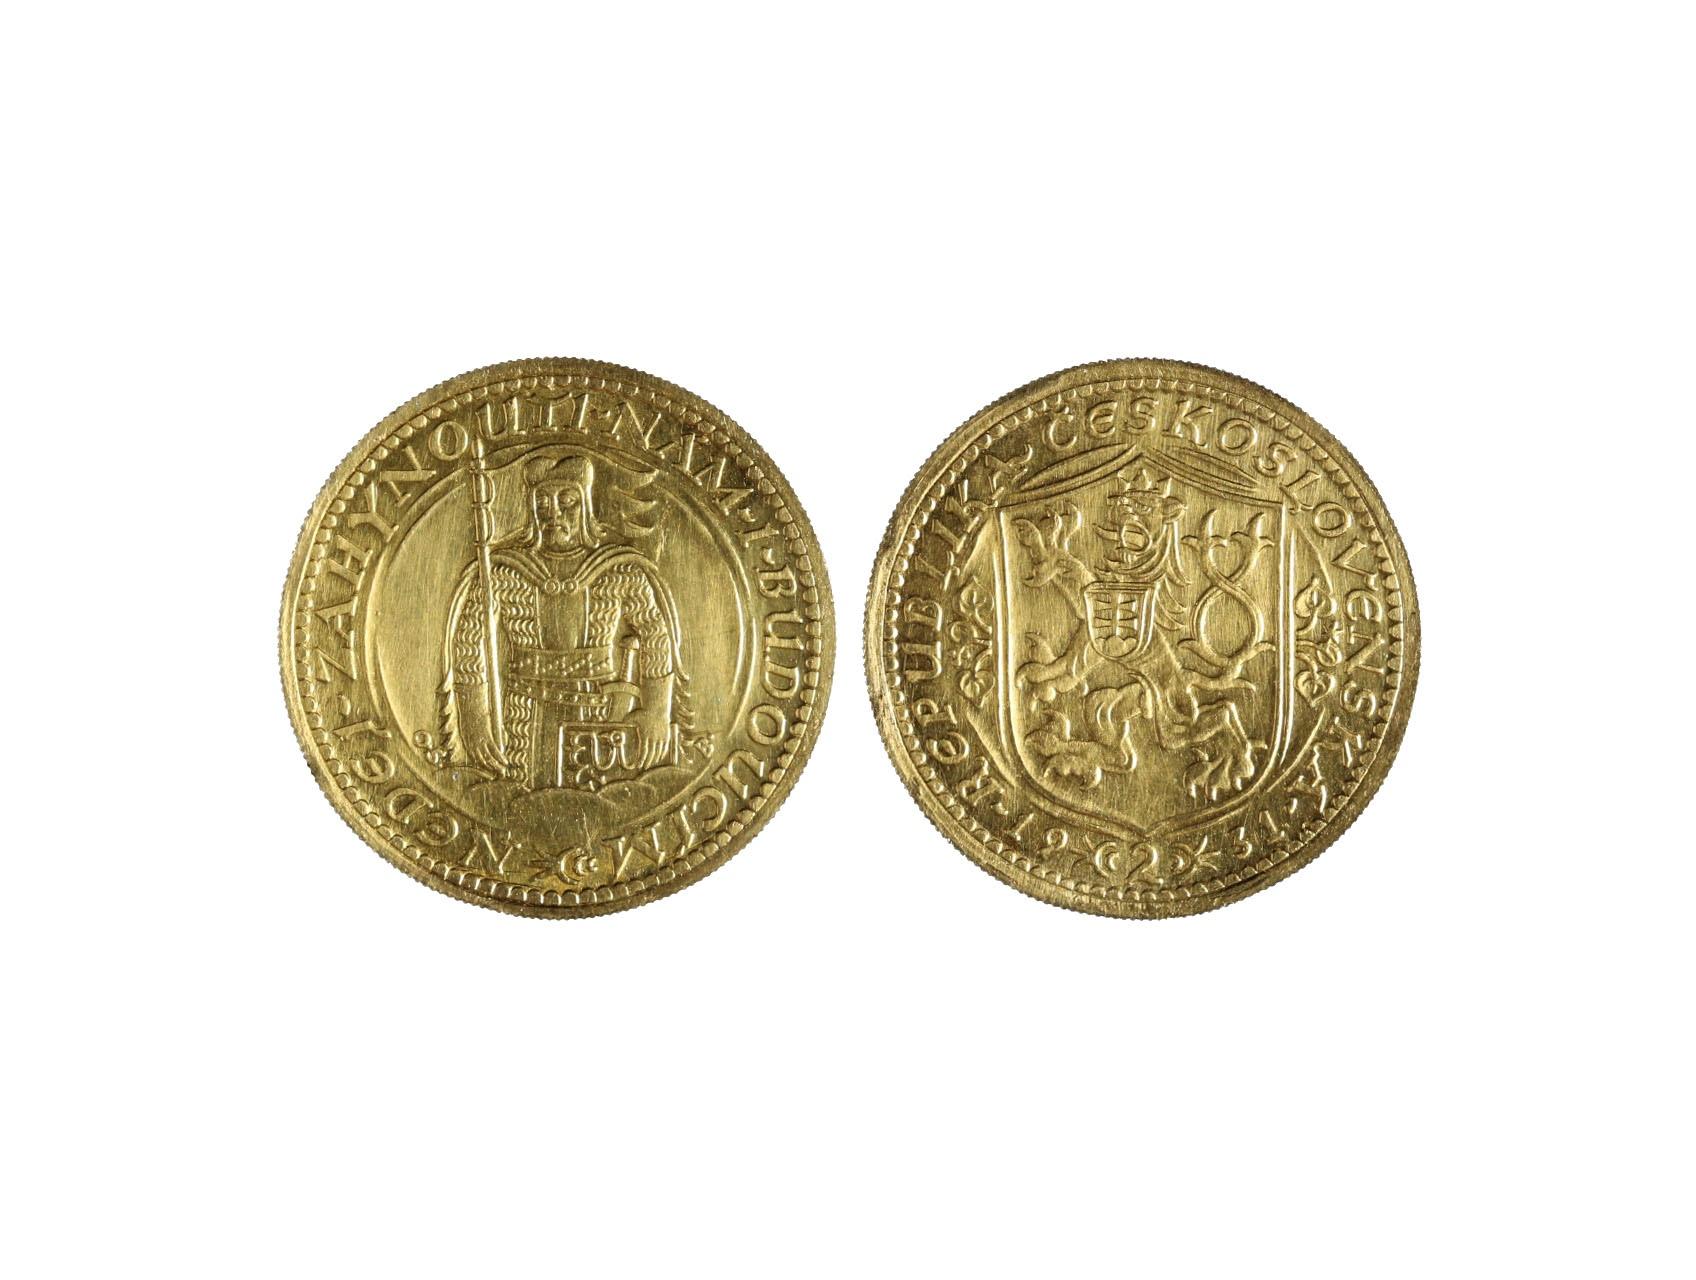 Československo 1918-1939 - 2 Dukát 1931, 6.982 g, 986/1000, raženo 2994 ks, N17